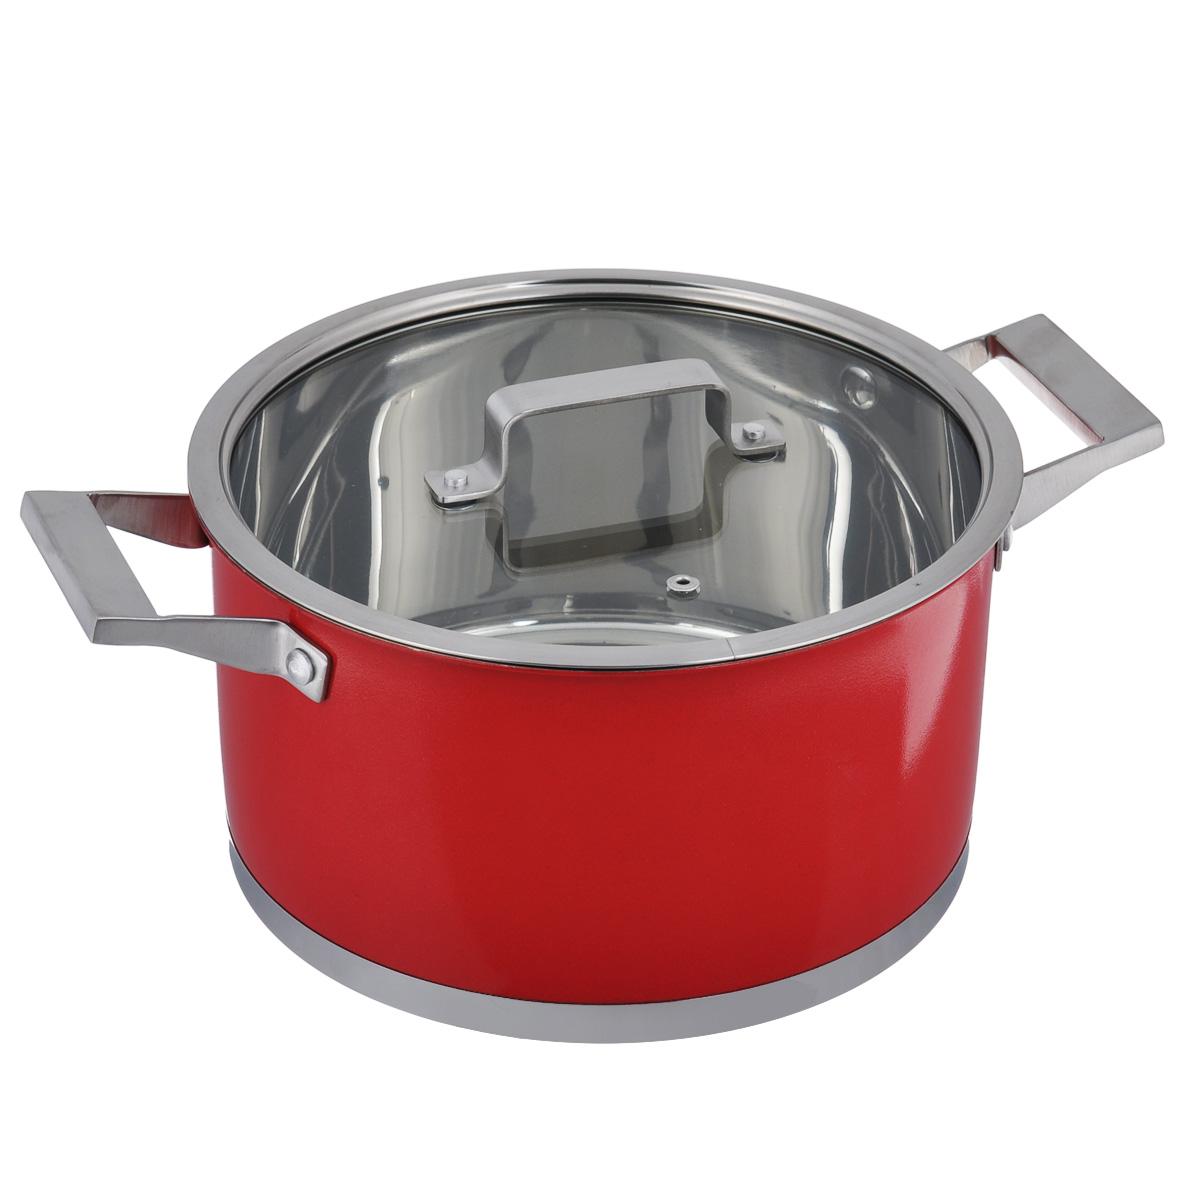 Кастрюля Bohmann с крышкой, цвет: красный, 6,1 л54 009312Кастрюля Bohmann изготовлена из высококачественной нержавеющей стали. Внутренняя поверхность имеет зеркальную полировку, а внешняя - матовое покрытие красного цвета. Нержавеющая сталь обладает высокой стойкостью к коррозии и кислотам. Прочность, долговечность и надежность этого материала, а также первоклассная обработка обеспечивают практически неограниченный запас прочности и неизменно привлекательный внешний вид. Кастрюля имеет многослойное капсульное дно с алюминиевым основанием, которое быстро и равномерно накапливает тепло и так же равномерно передает его пище. Капсульное дно позволяет готовить блюда с минимальным количеством воды и жира, сохраняя при этом вкусовые и питательные свойства продуктов. Применение технологии многослойного дна создает эффект удержания тепла - пища готовится и после отключения плиты благодаря термоаккумулирующим свойствам посуды. Диаметры изделий соответствуют общепринятым размерам конфорок бытовых плит. Посуда оснащена удобными металлическими ручками с матовой полировкой. Крышка выполнена из термостойкого стекла. Можно использовать на газовых, электрических, галогенных, стеклокерамических, индукционных плитах. Можно мыть в посудомоечной машине. Высота стенки: 13,5 см. Ширина кастрюли (с учетом ручек): 34 см. Толщина стенки: 1 мм. Толщина дна: 5 мм.